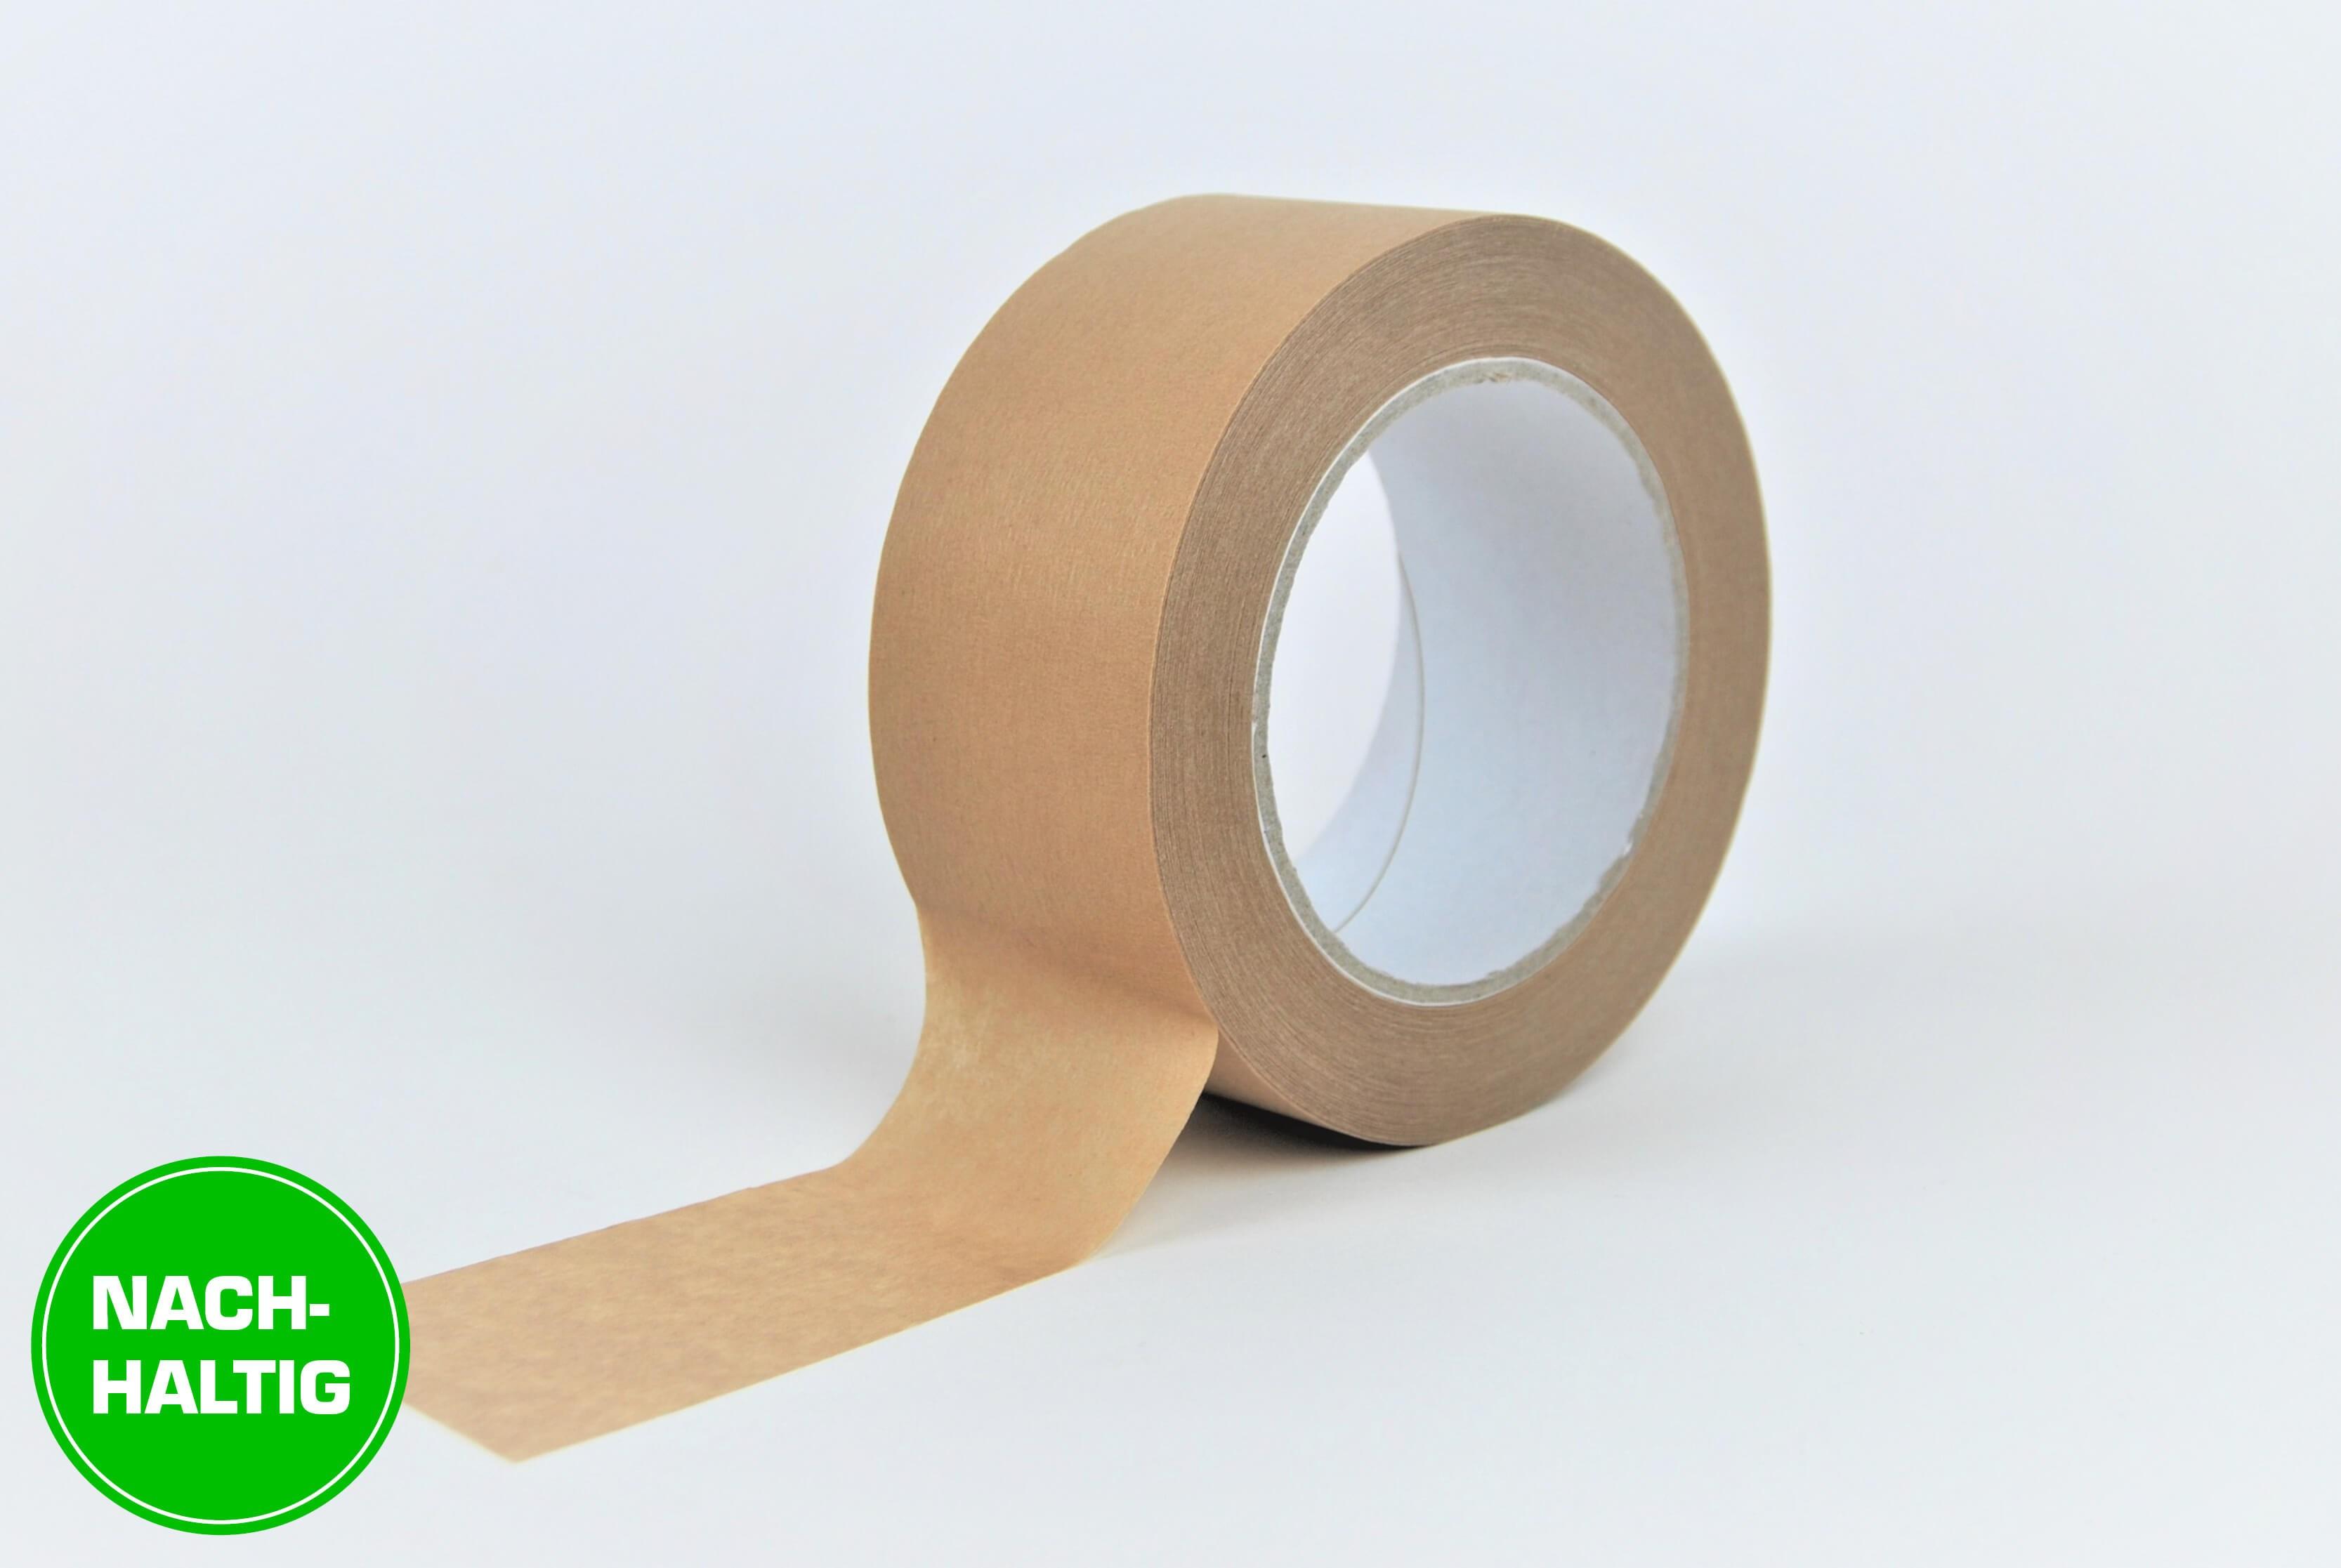 Nachhaltige Verpackungsklebebänder selbstklebend aus Papier